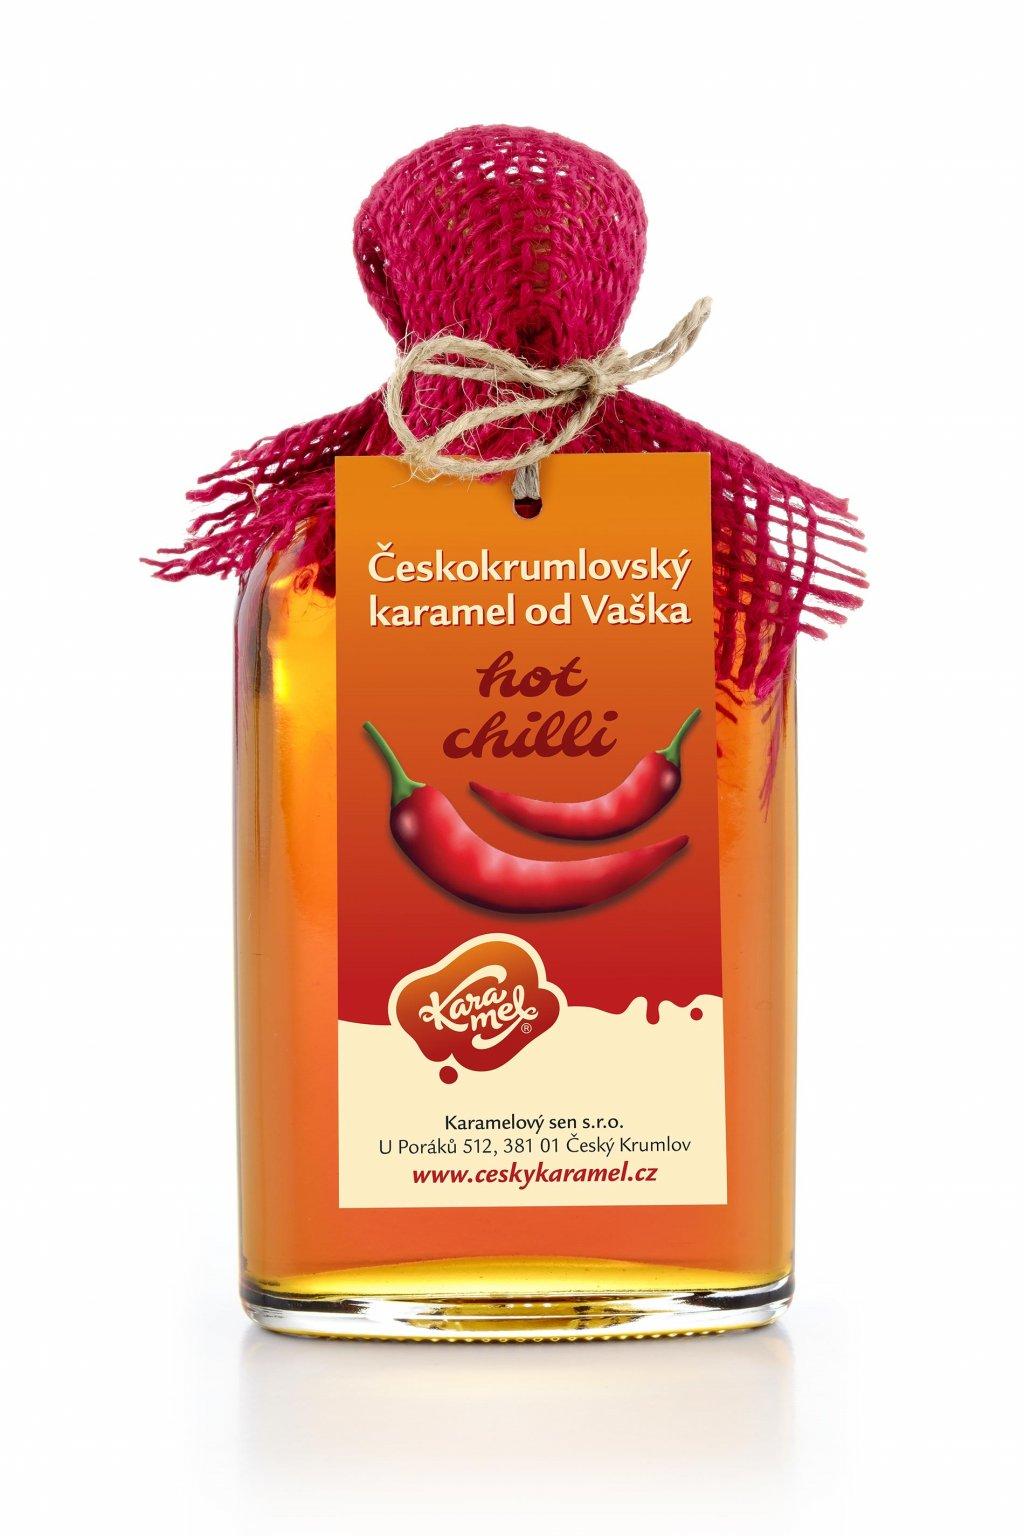 tekutý českokrumlovský karamel od vaška hot chilli